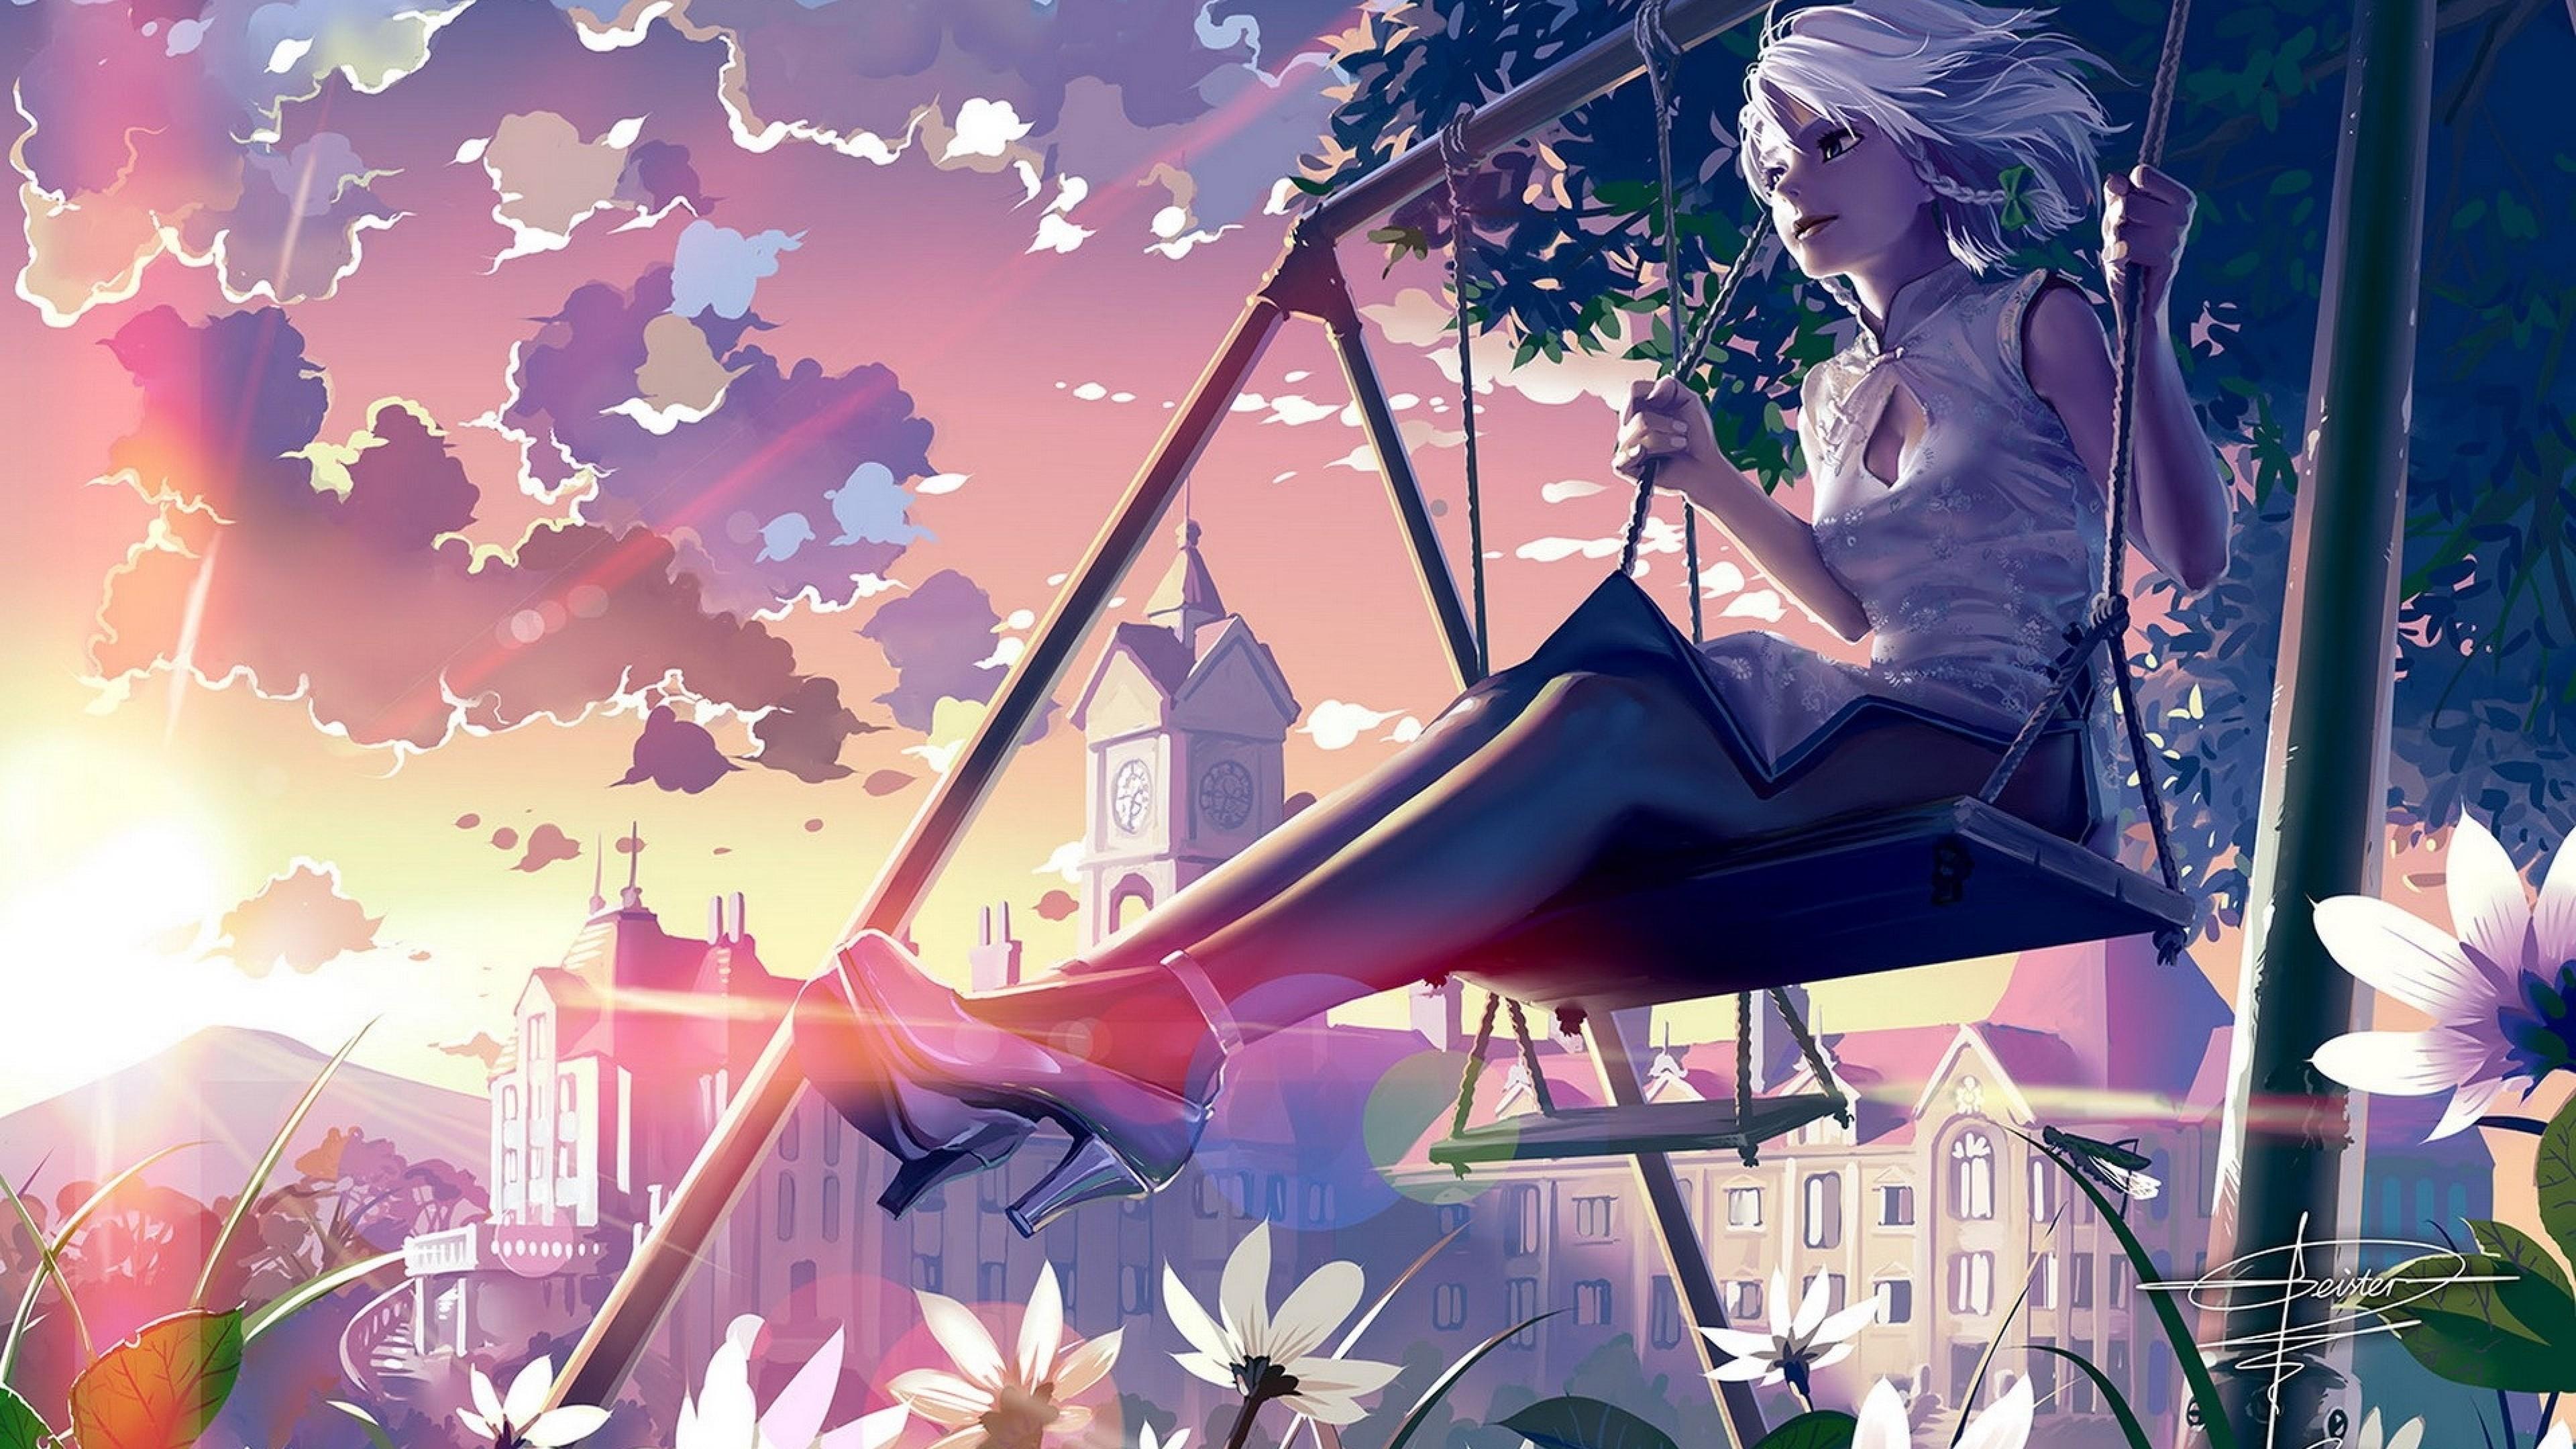 Wallpaper girl, swing, street, building, summer, sunset